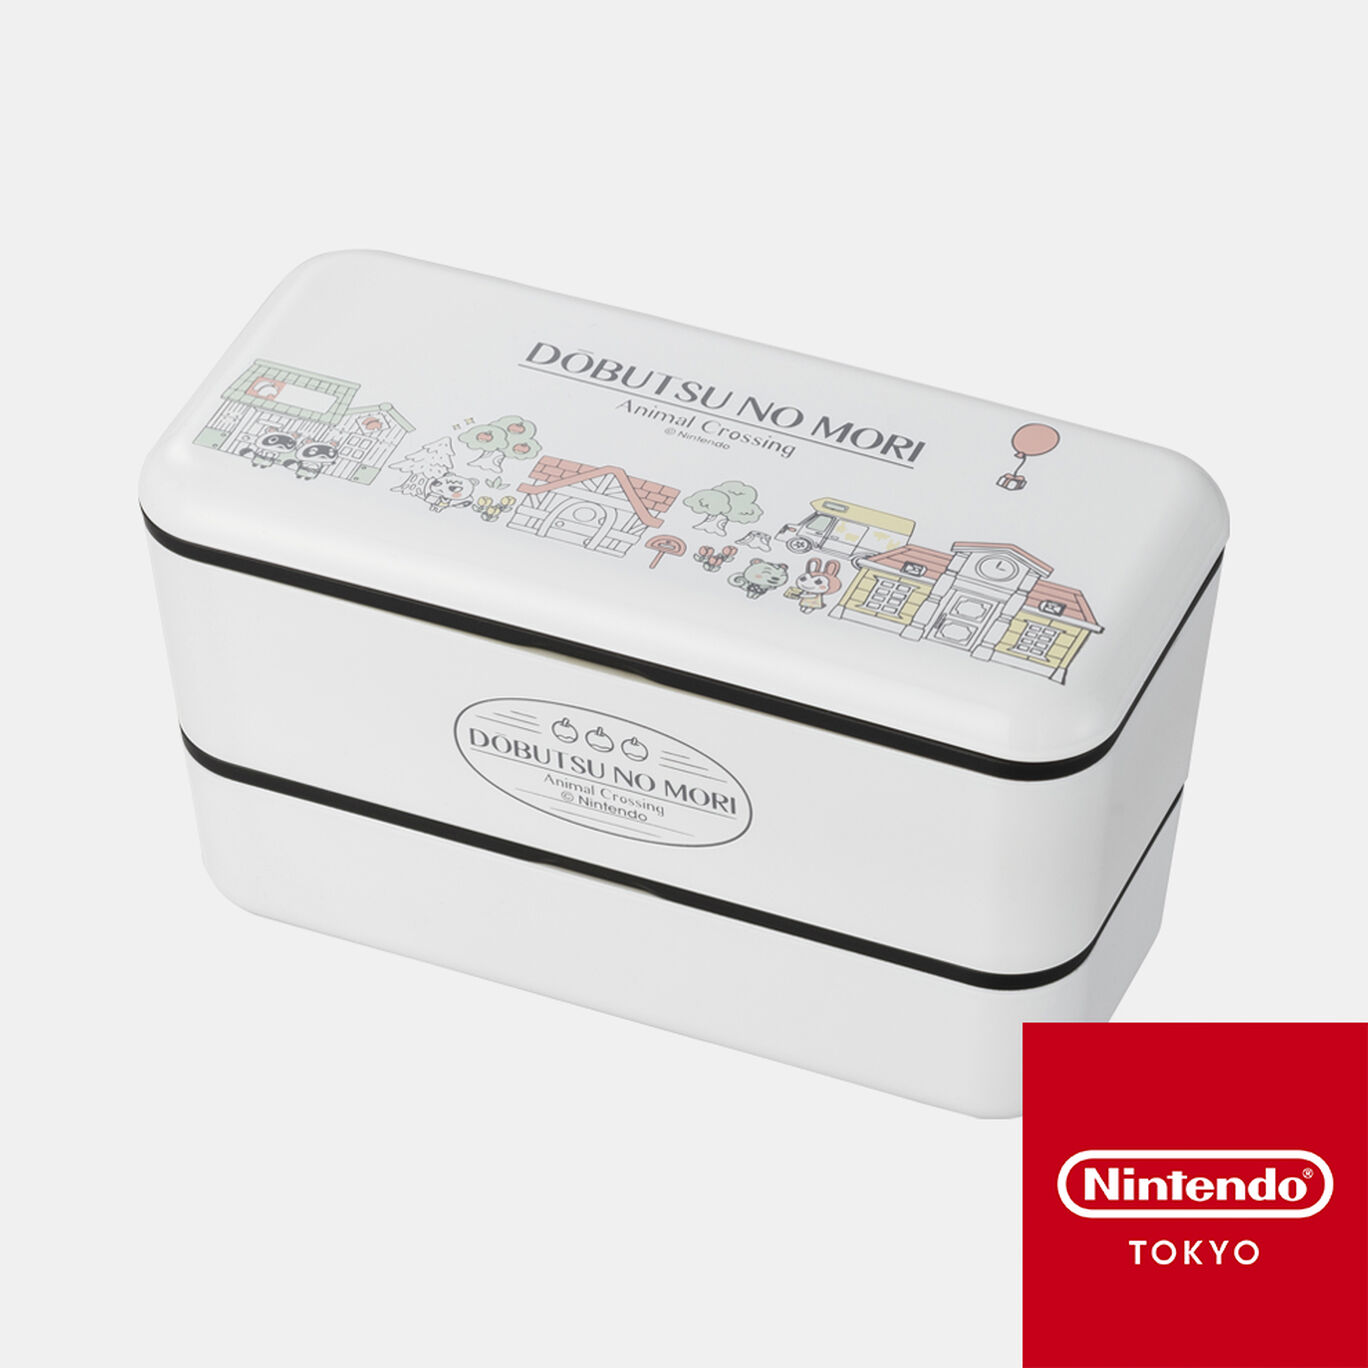 ランチボックス どうぶつの森【Nintendo TOKYO取り扱い商品】